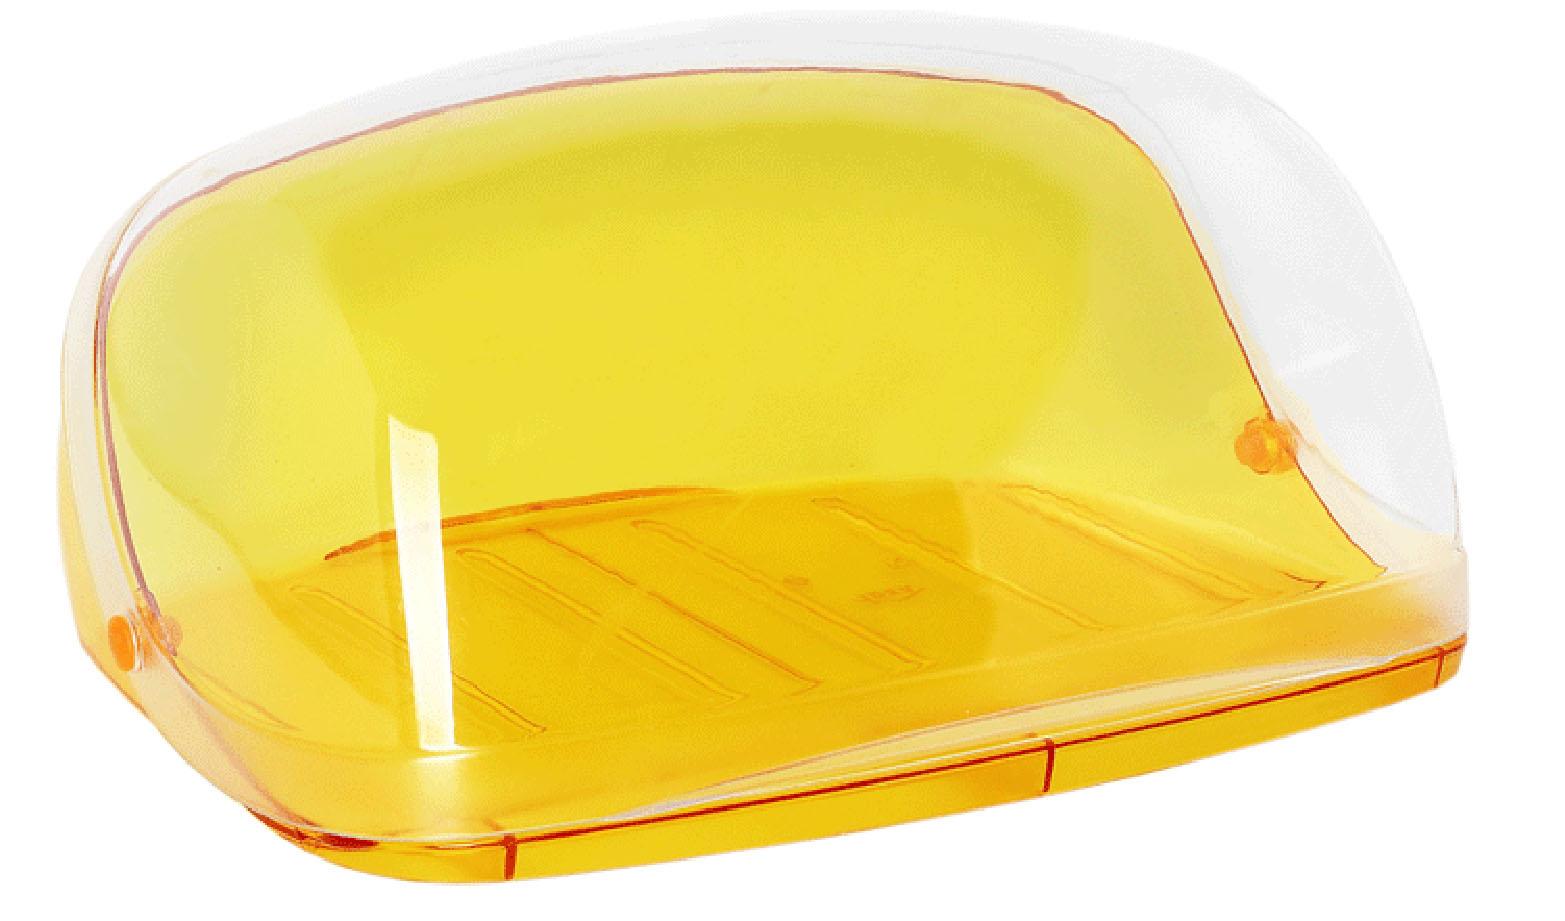 Хлебница Idea Кристалл, цвет: оранжевый, прозрачный, 29 х 25 х 15 смМ 1185Хлебница Idea Кристалл, изготовленная из пищевого пластика, обеспечивает идеальные условия хранения для различных видов хлебобулочных изделий, надолго сохраняя их свежесть. Изделие оснащено плотно закрывающейся крышкой, защищающей продукты от воздействия внешних факторов (запахов и влаги).Вместительность, функциональность и стильный дизайн позволят хлебнице стать не только незаменимым аксессуаром на кухне, но и предметом украшения интерьера. В ней хлеб всегда останется свежим и вкусным.